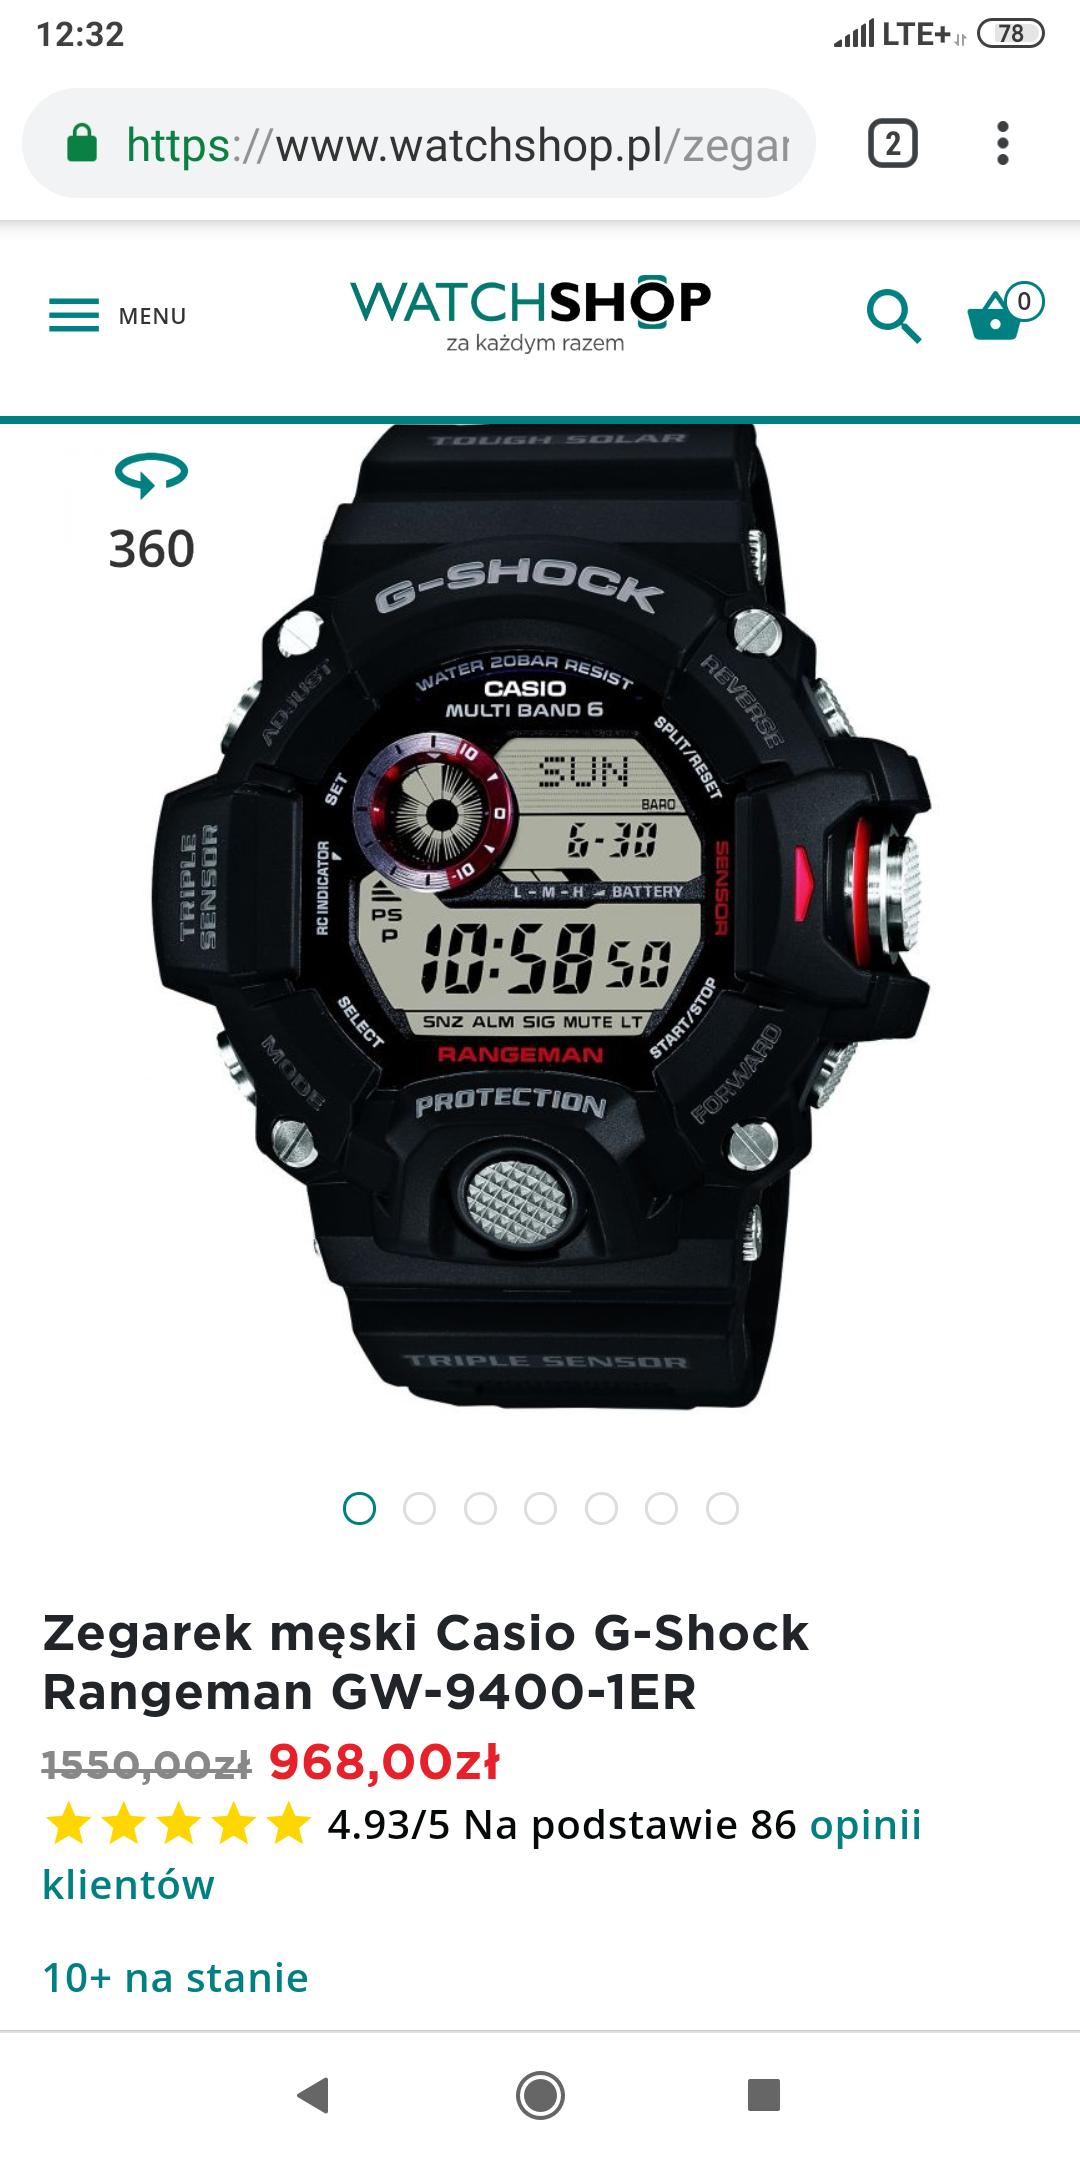 Zegarek Casio G-Shock GW-9400 Rangeman